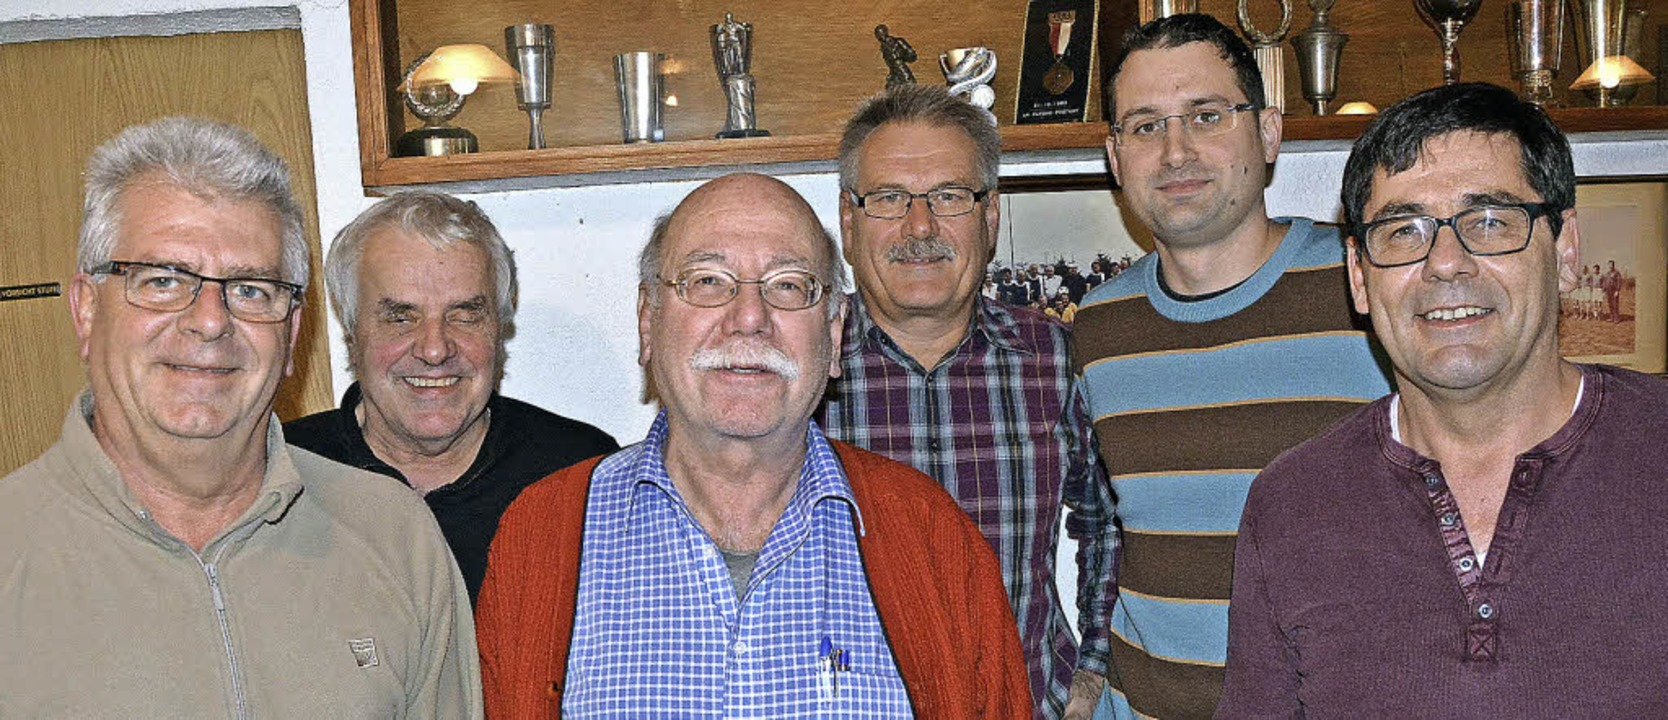 Der neue Vorstand des Fördervereins SV...ter, Markus Forster und Bernd Brombach  | Foto: Heinz Vollmar